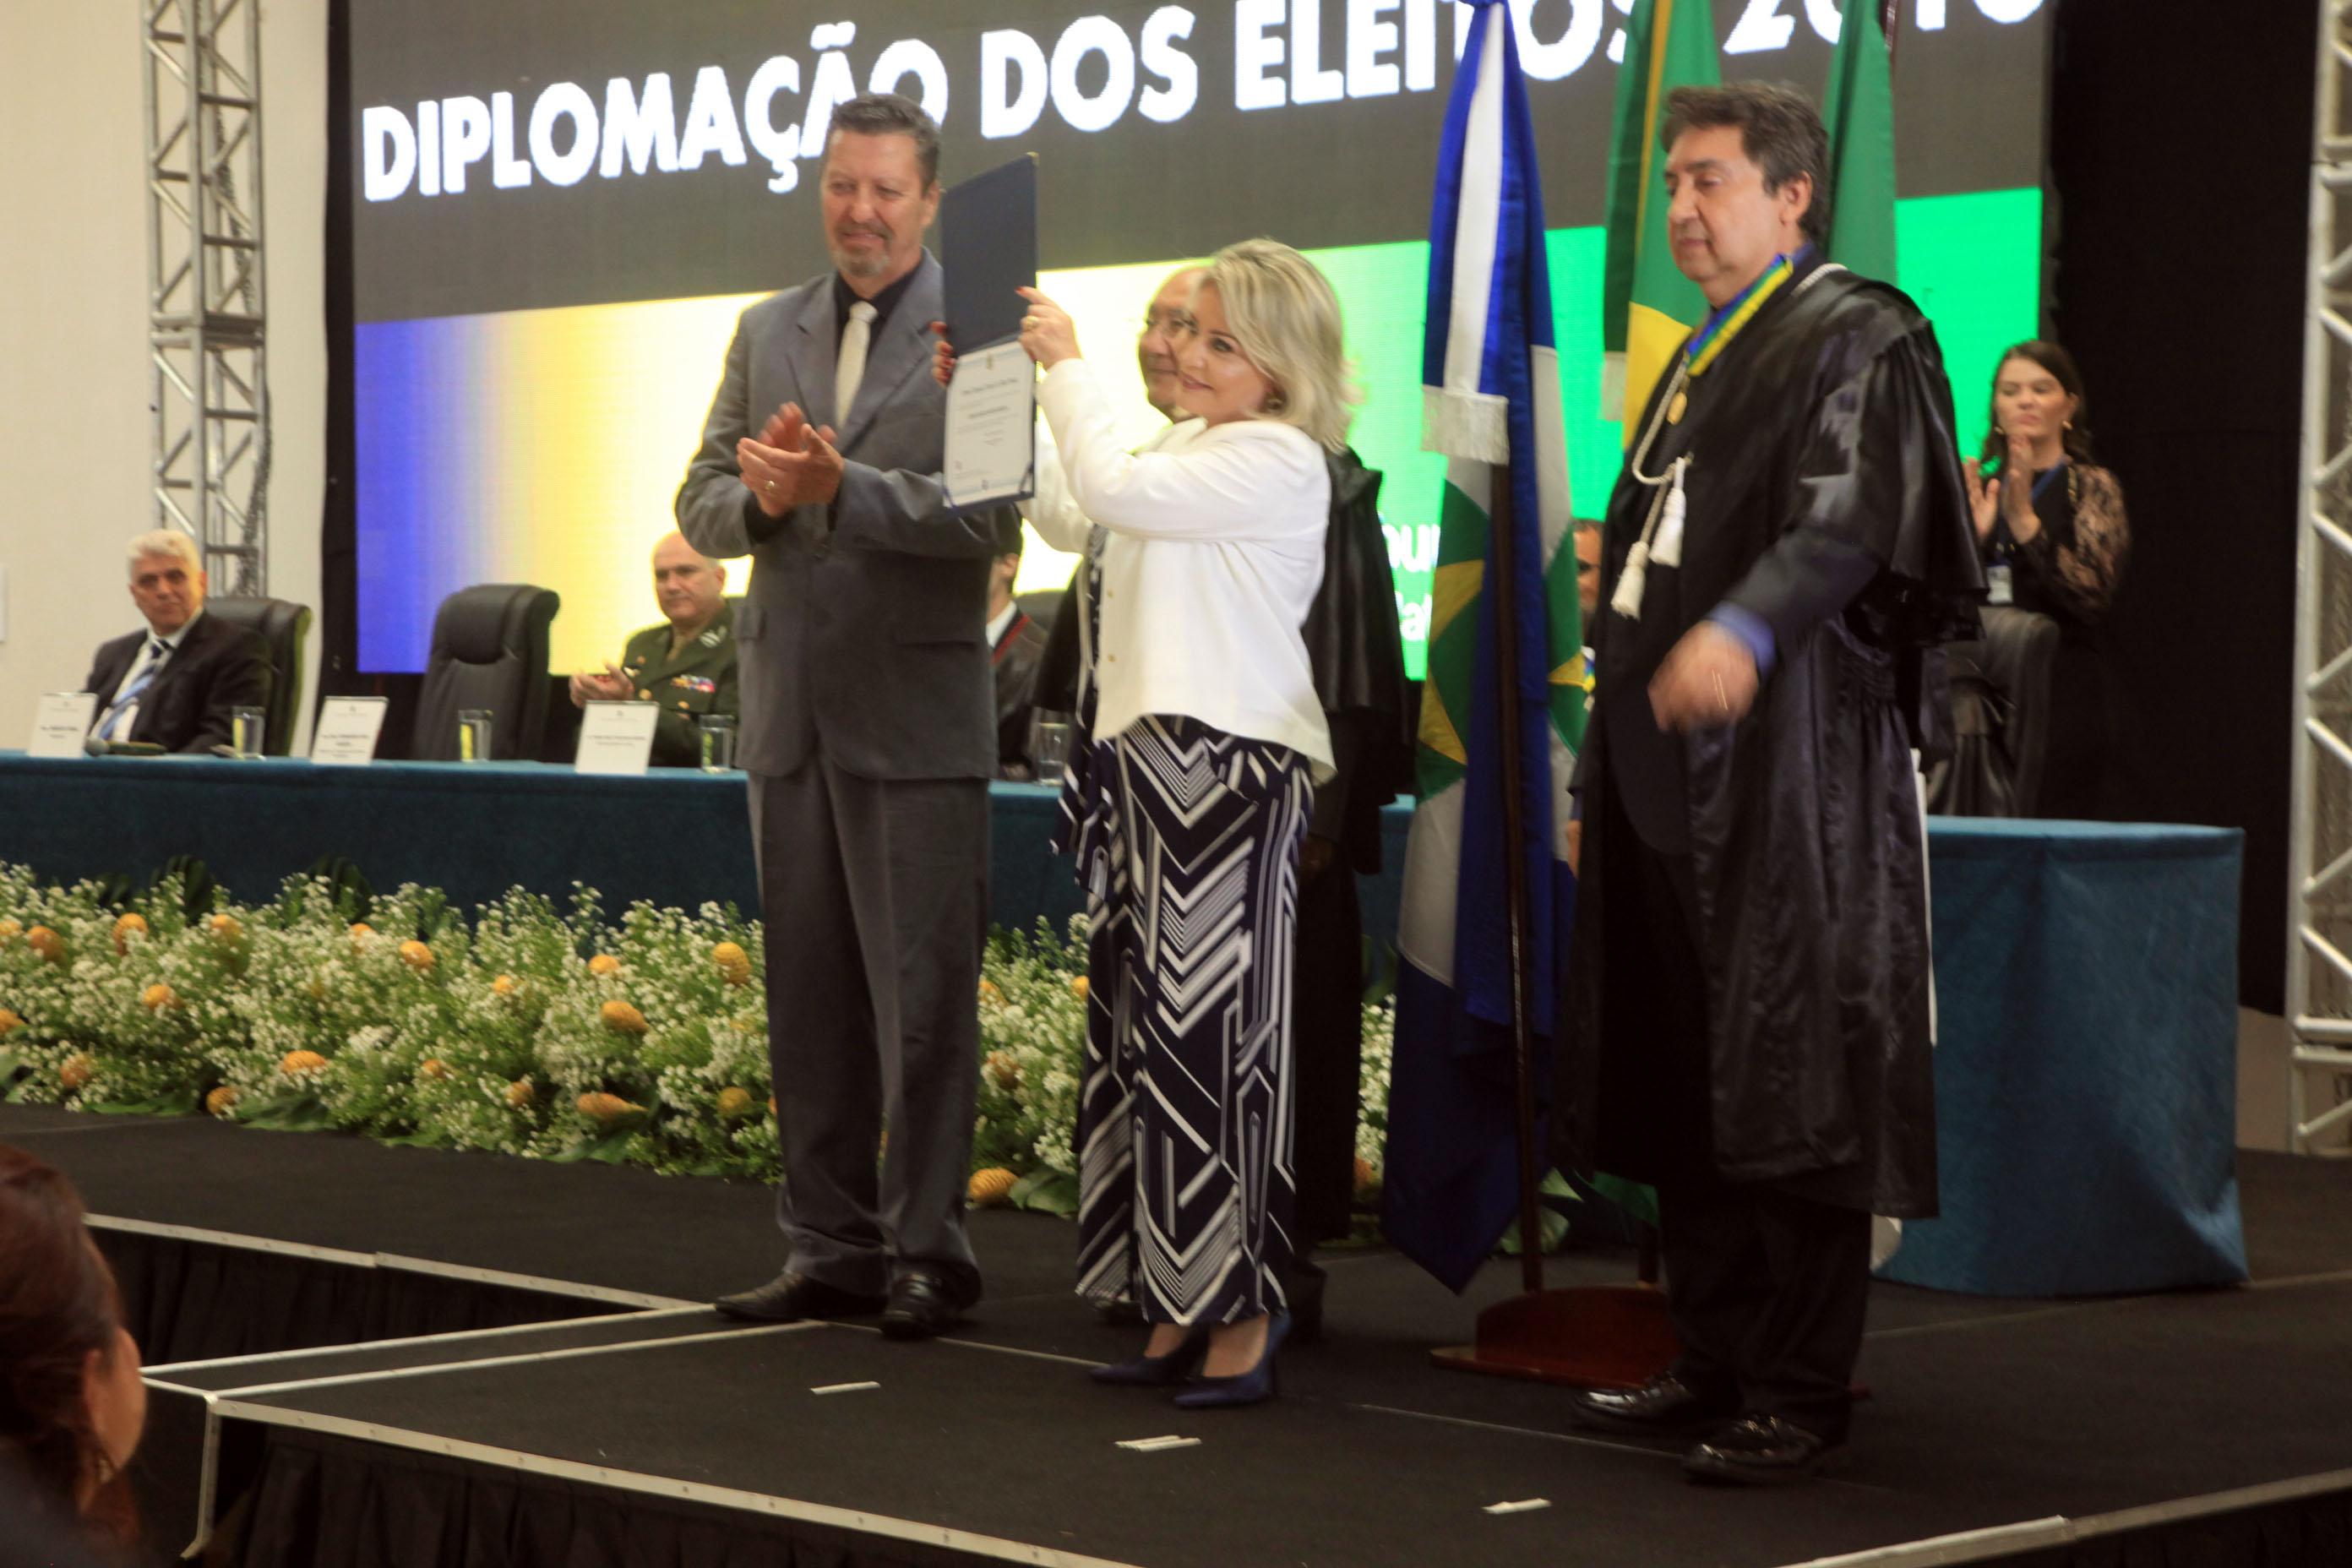 """Selma promete aliança com Bolsonaro e """"trabalhar por segurança e combate à corrupção"""""""